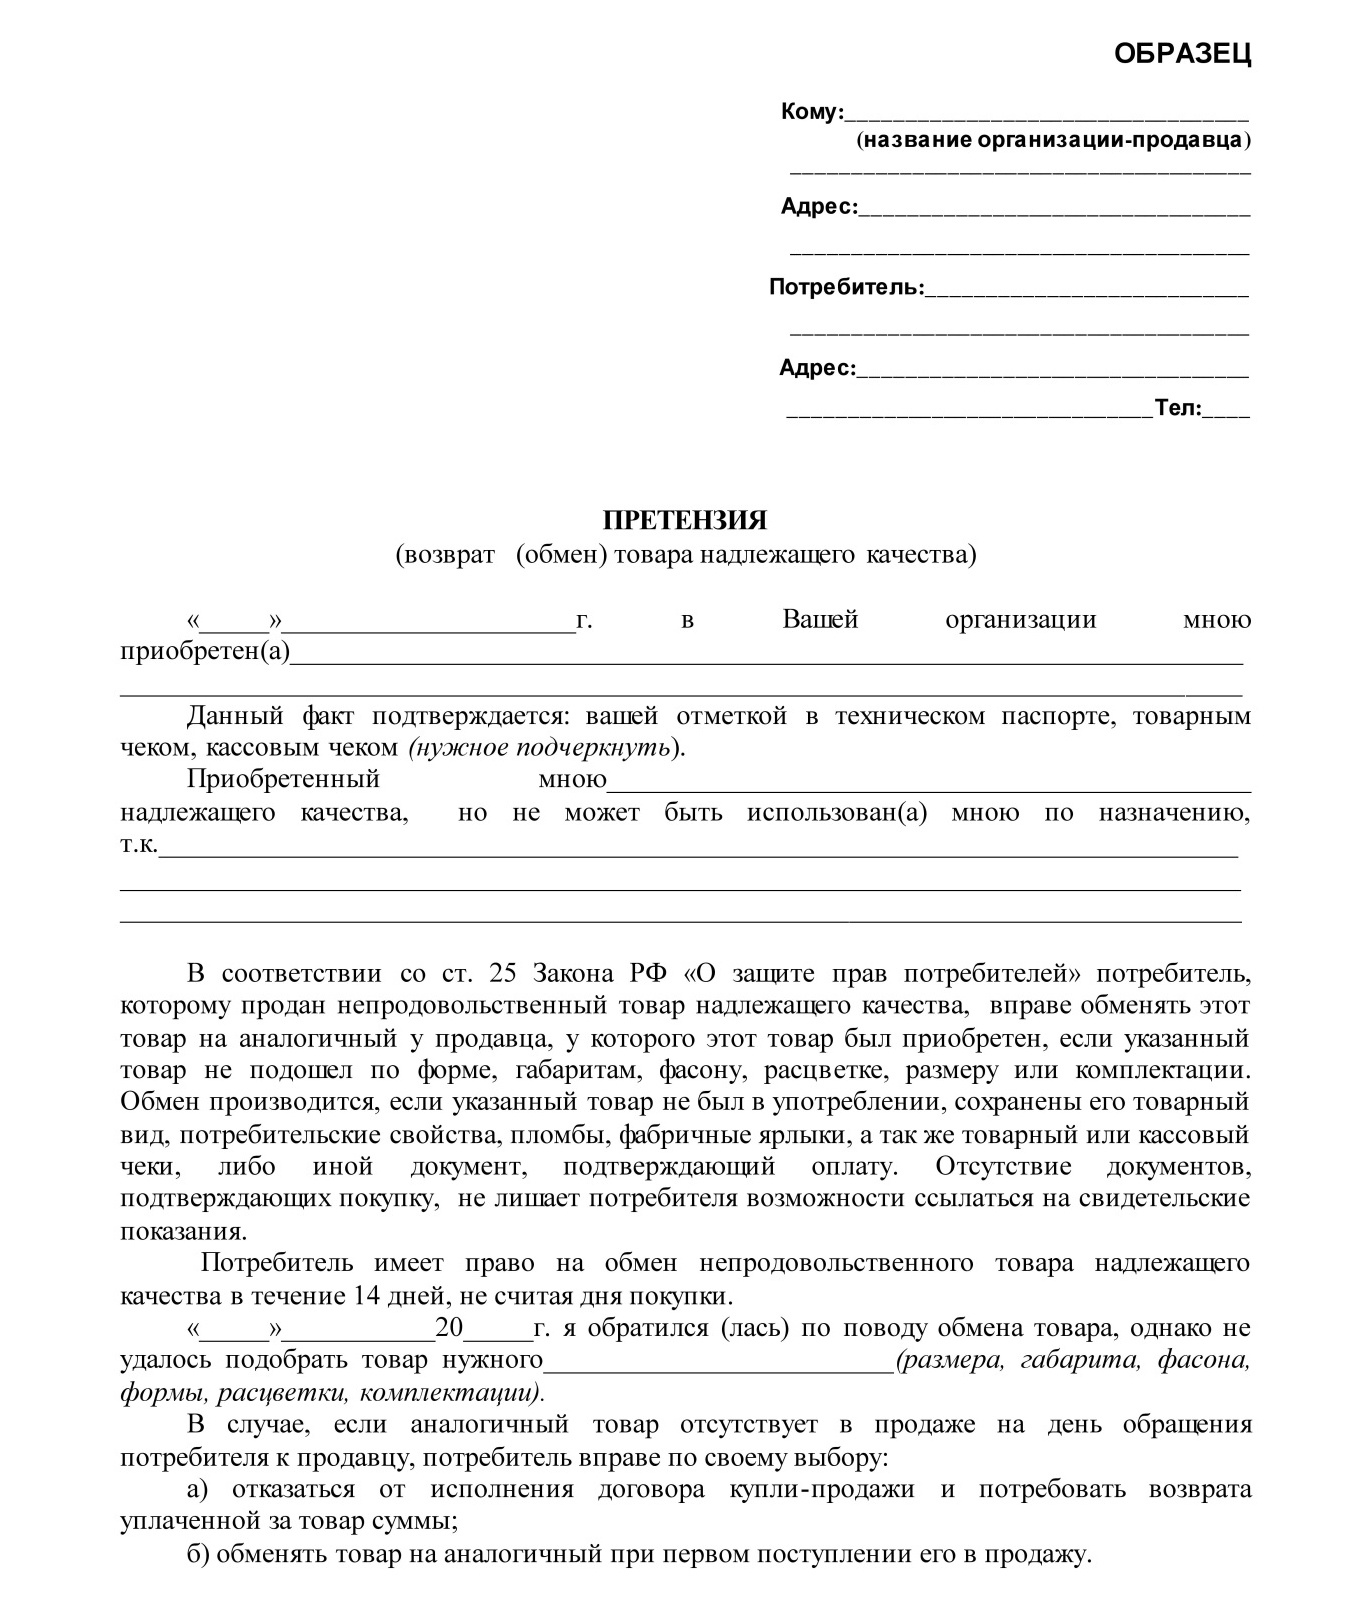 Уведосление о переименовании отдела